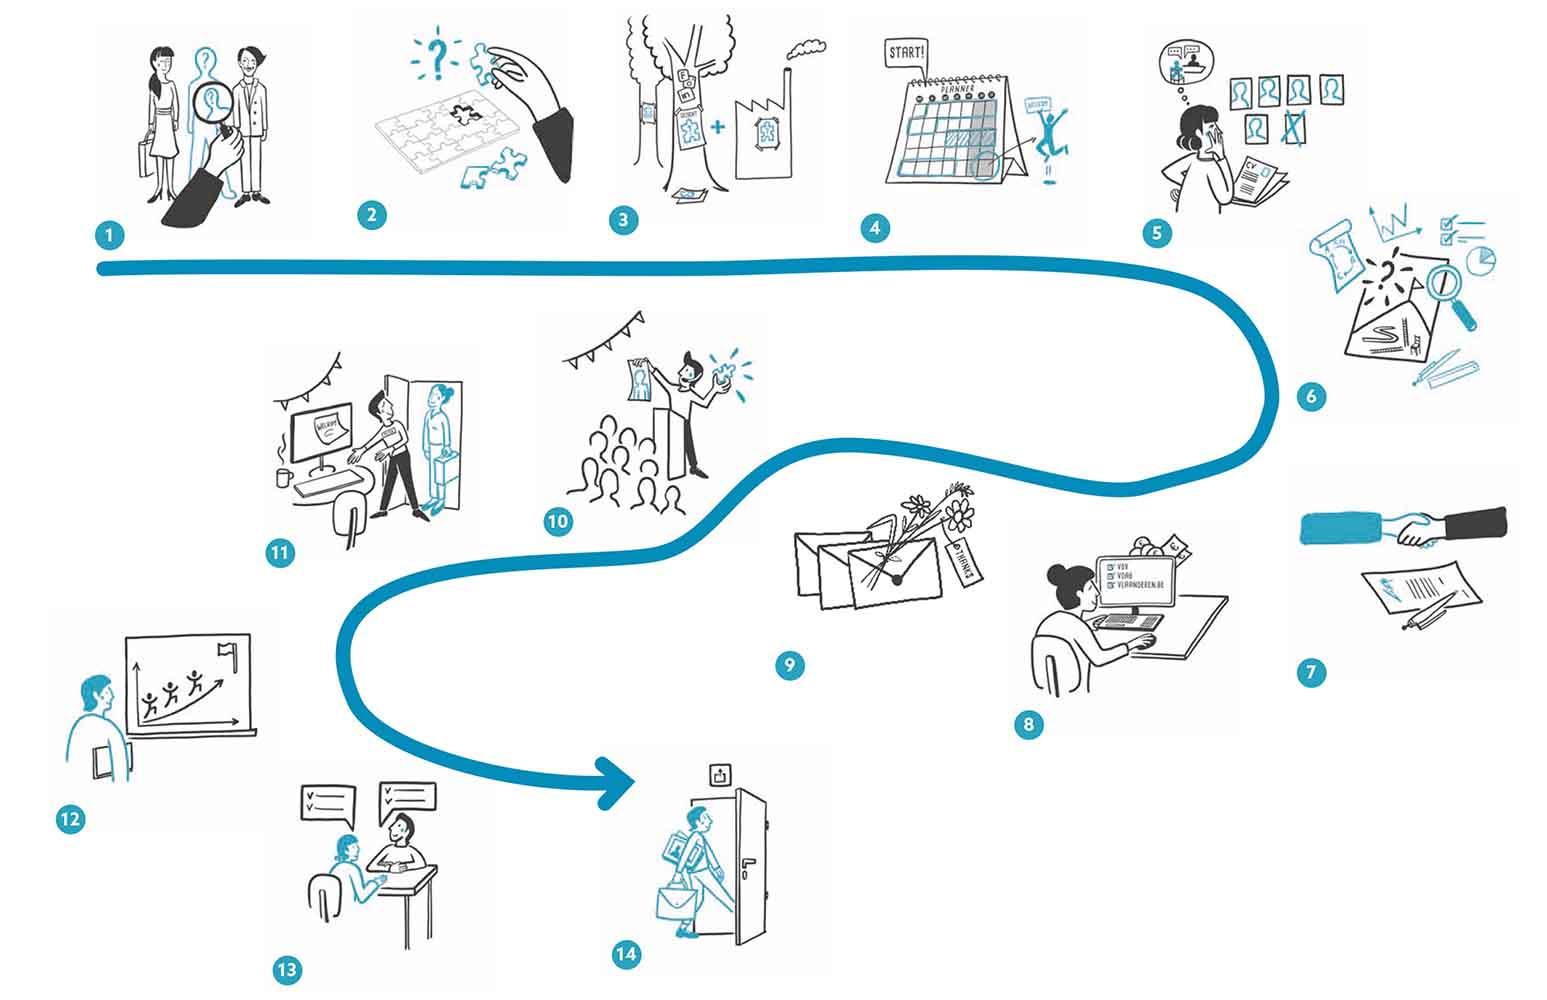 stappenplan voor aanwerving van nieuwe medewerkers door illustra'lies